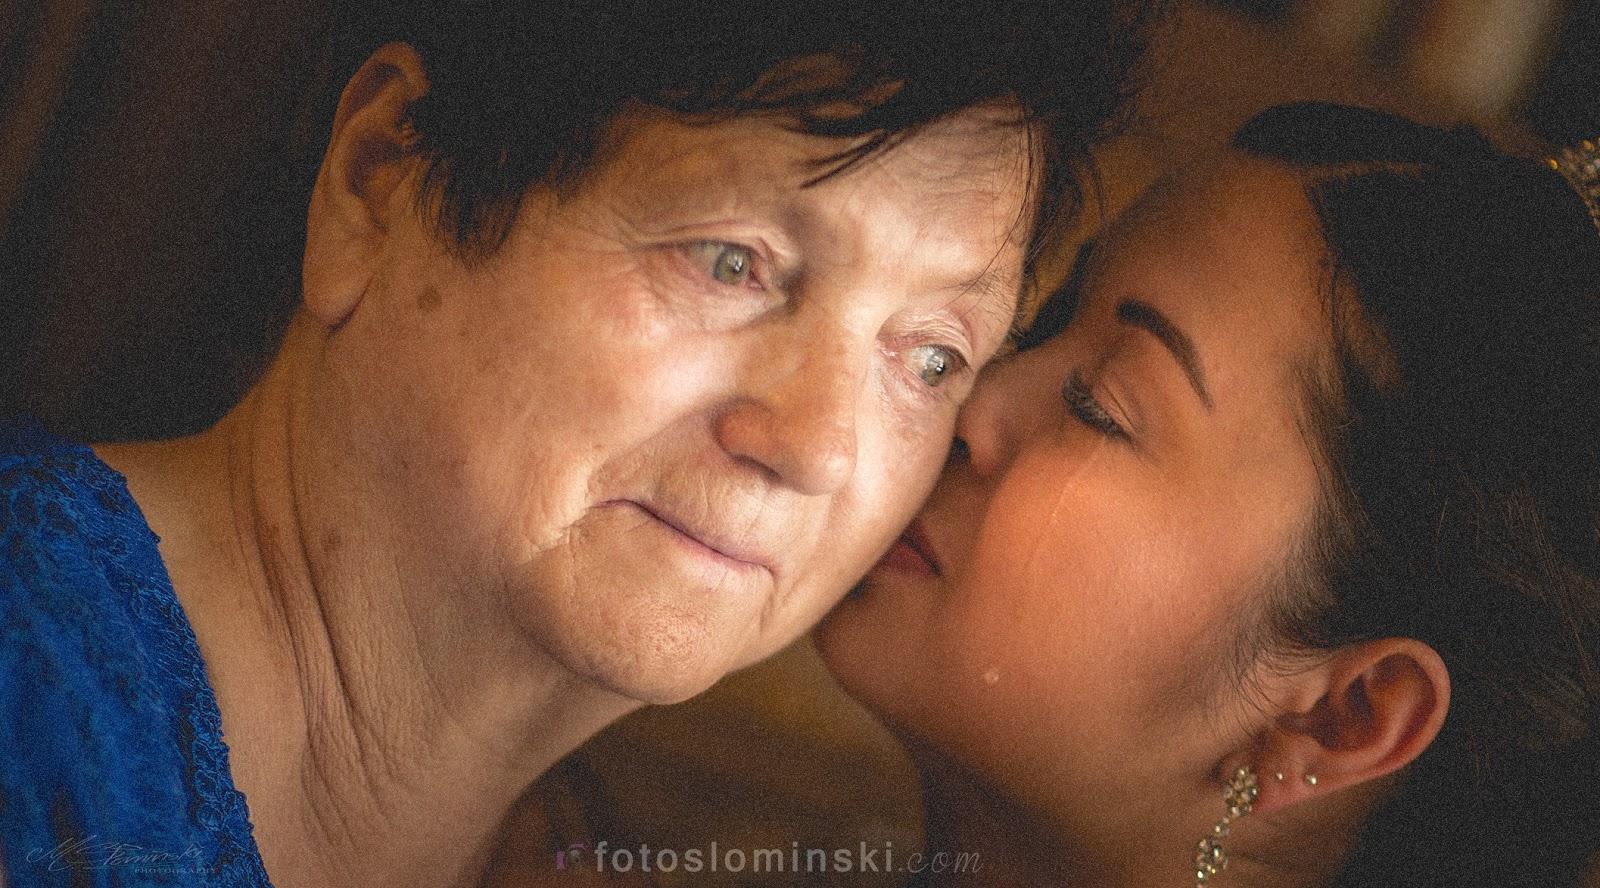 Wyjątkowe zdjęcie (ślubne) z babcią / Amazing (wedding) picture with grandmother.